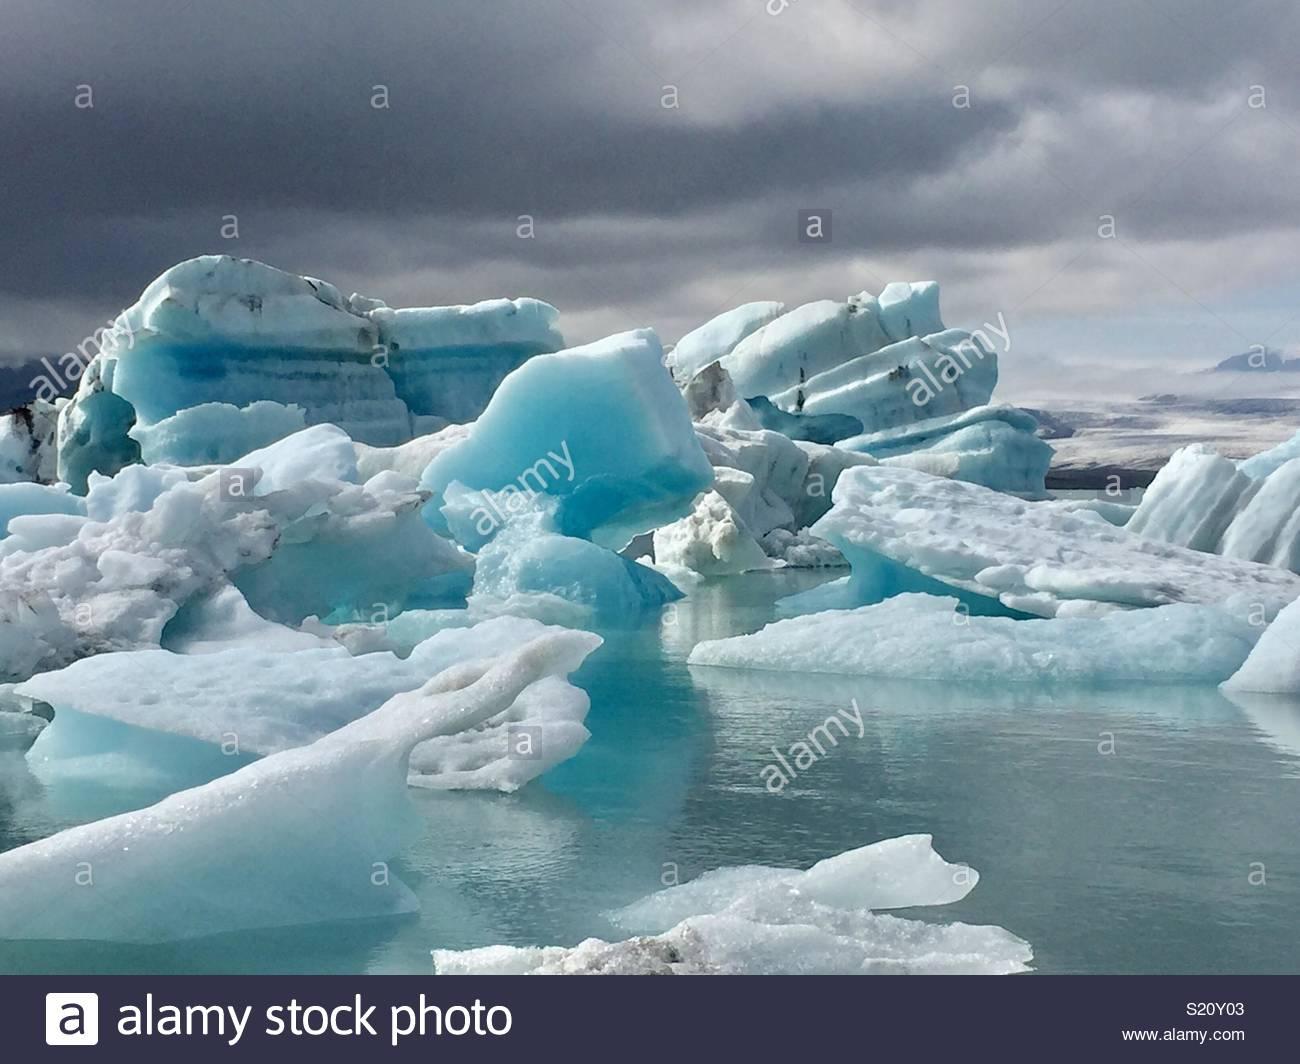 Icebergs - Stock Image